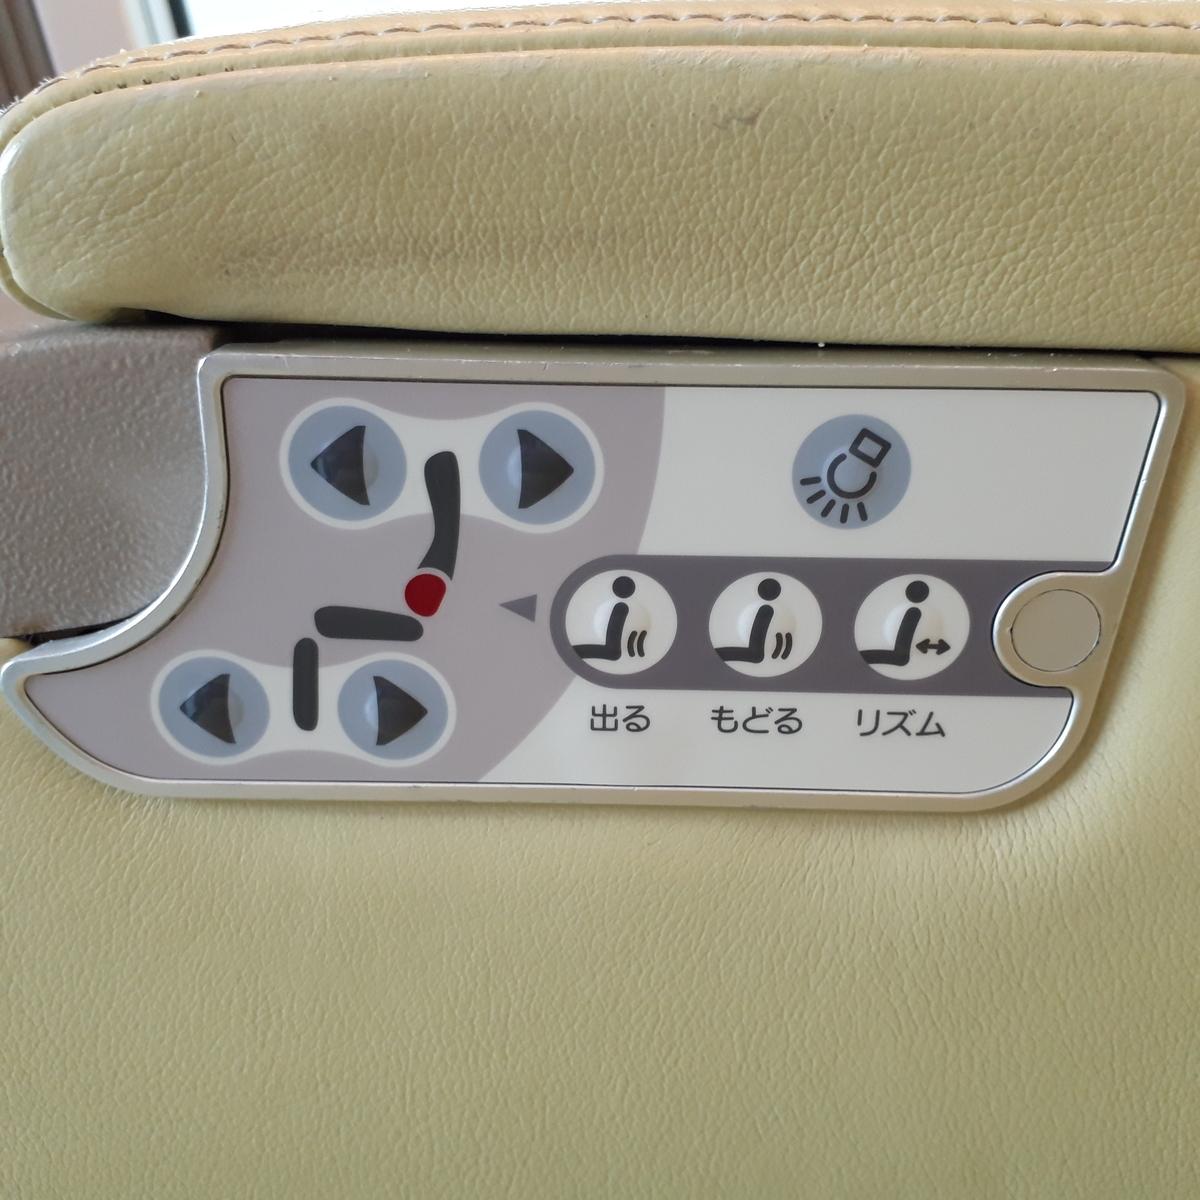 近鉄 しまかぜ 50000系 1号車 6号車 展望車両 座席 コントロールパネル